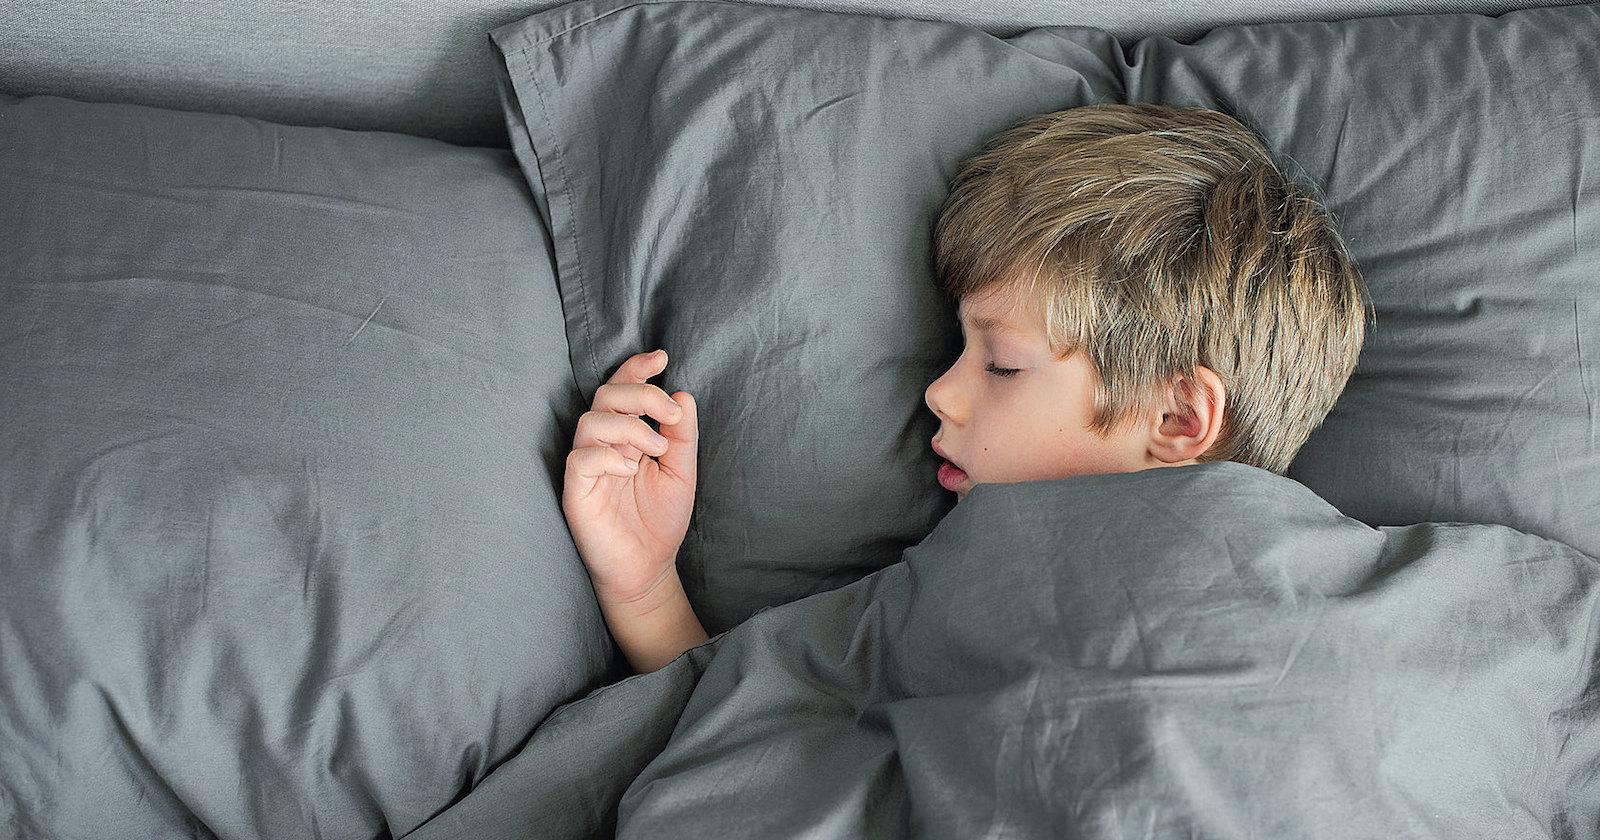 Борьба с потеплением в постели: уникальные материалы